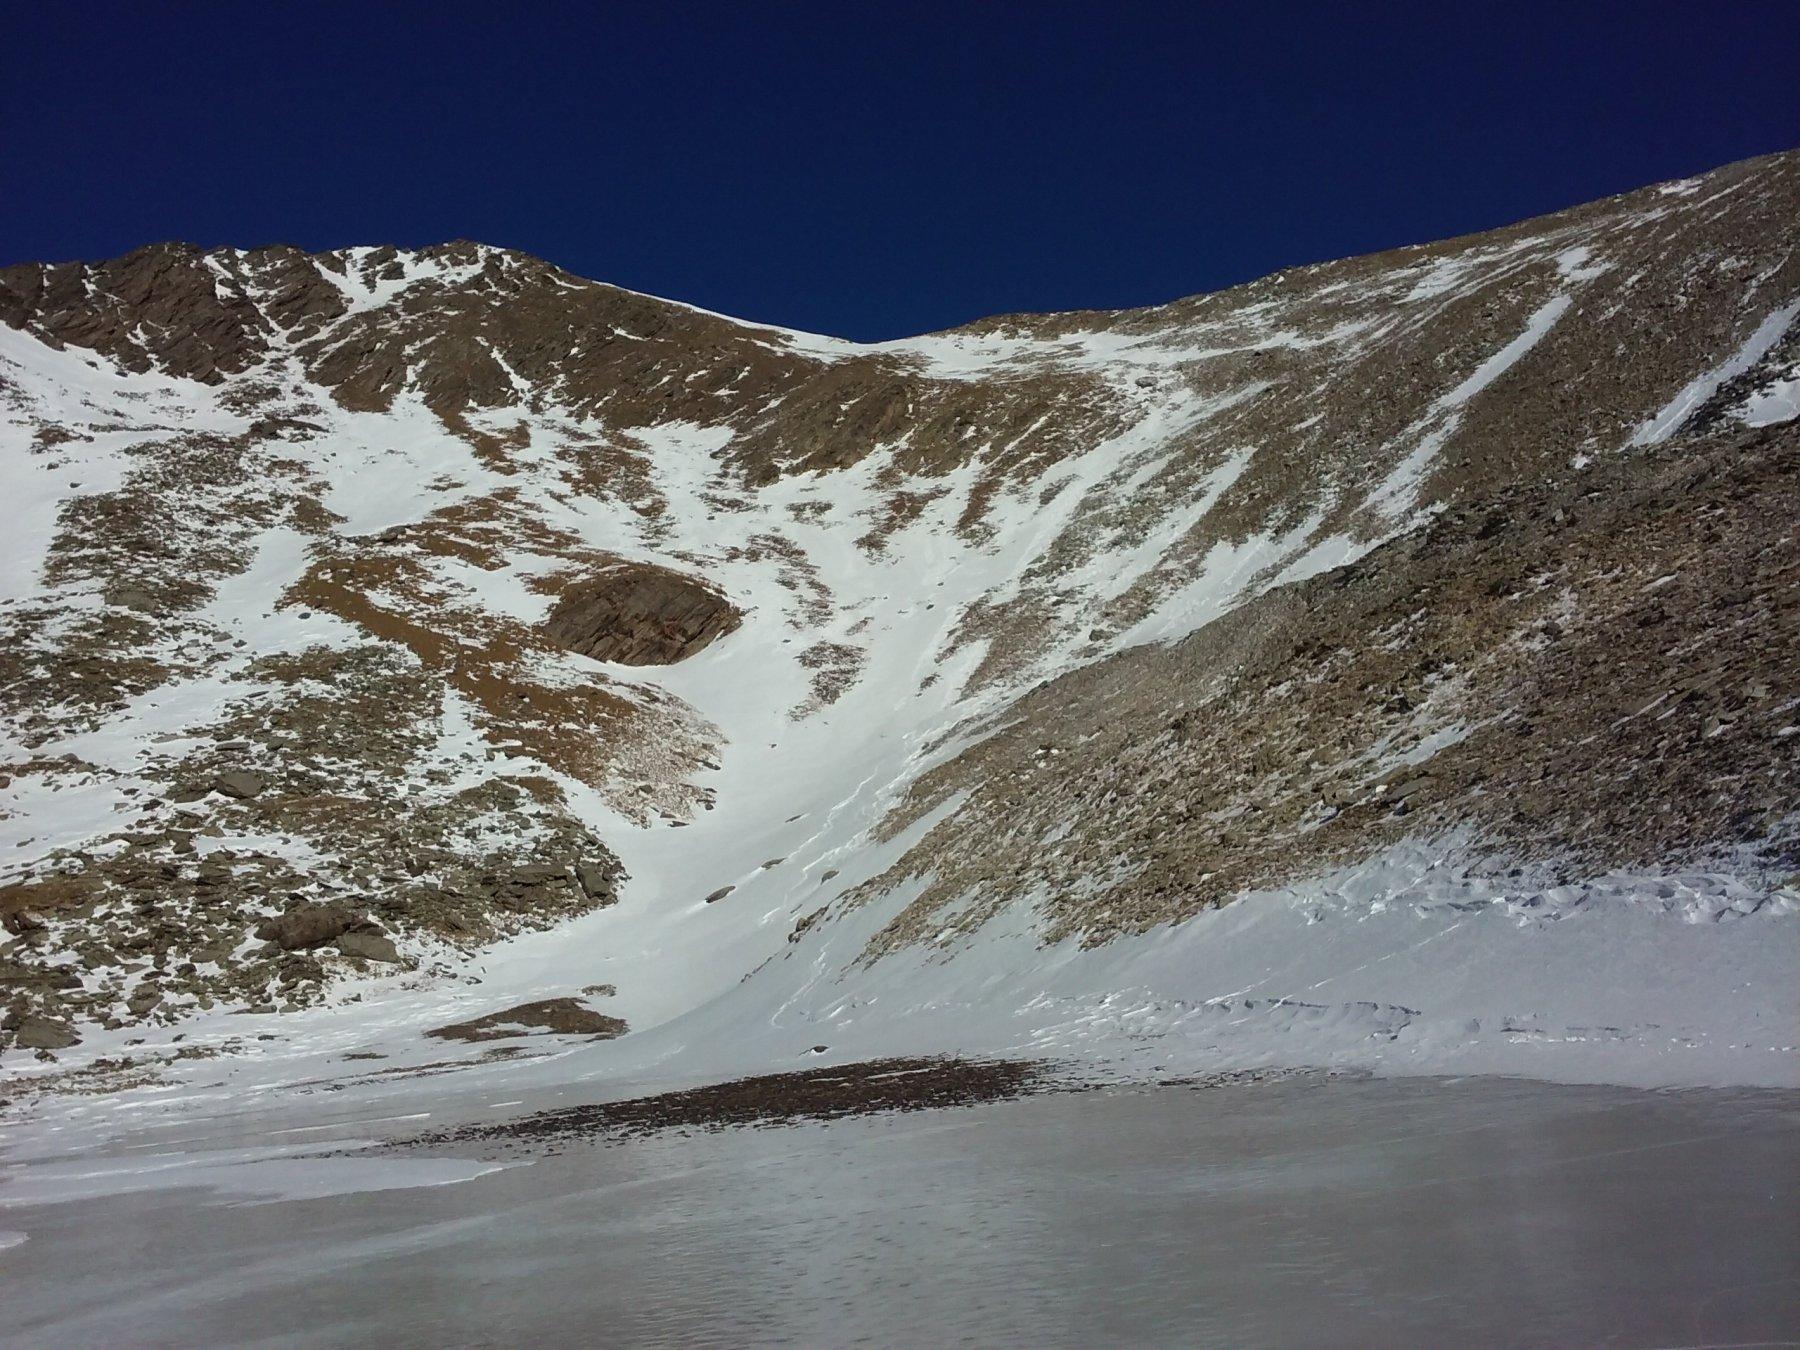 Lo scivolo nevoso sul fianco Sud della cima, visto dal lago Reisassa.